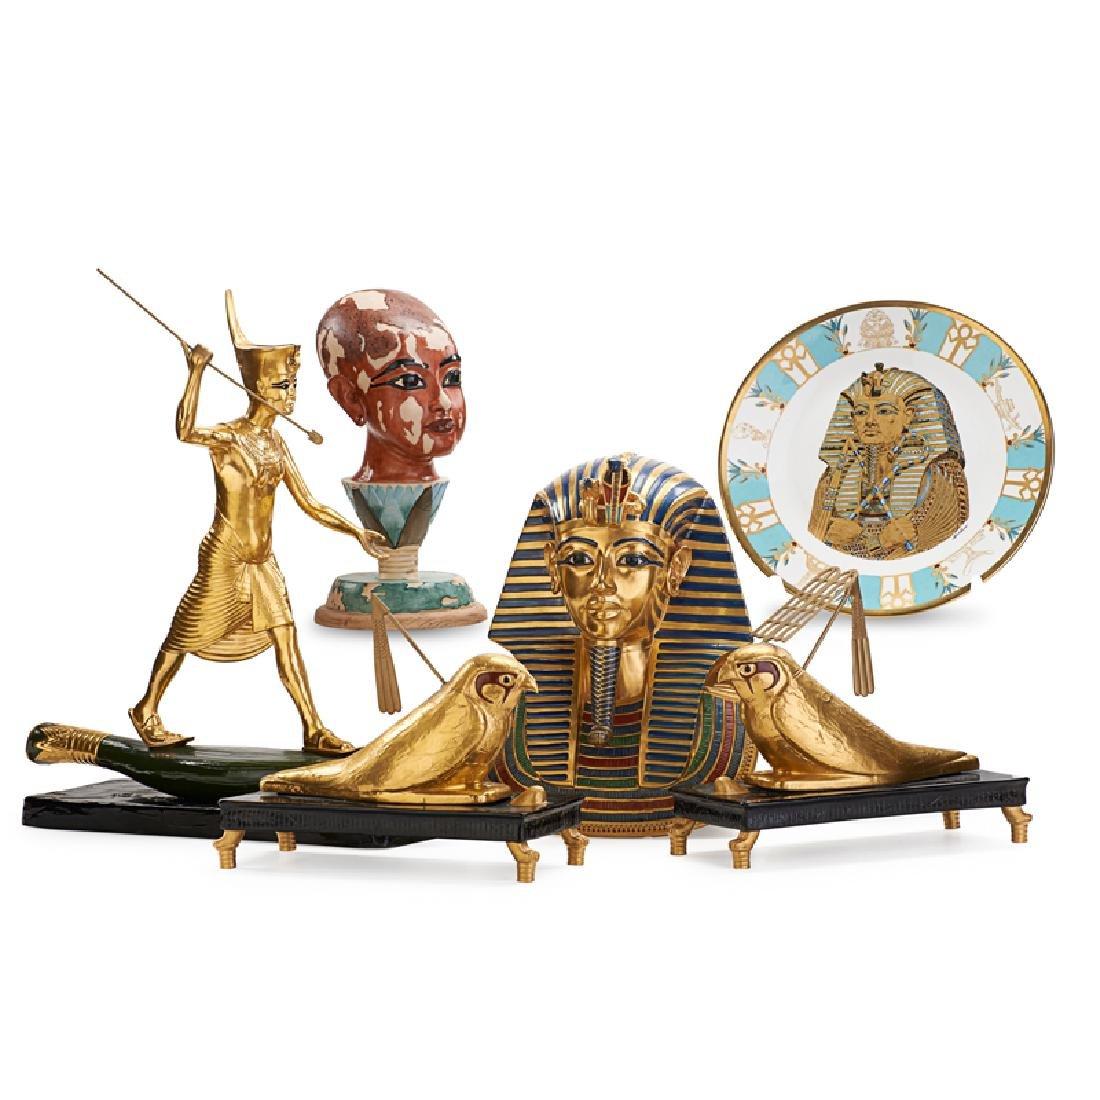 GROUP OF BOEHM EGYPGTIAN THEMED PORCELAIN